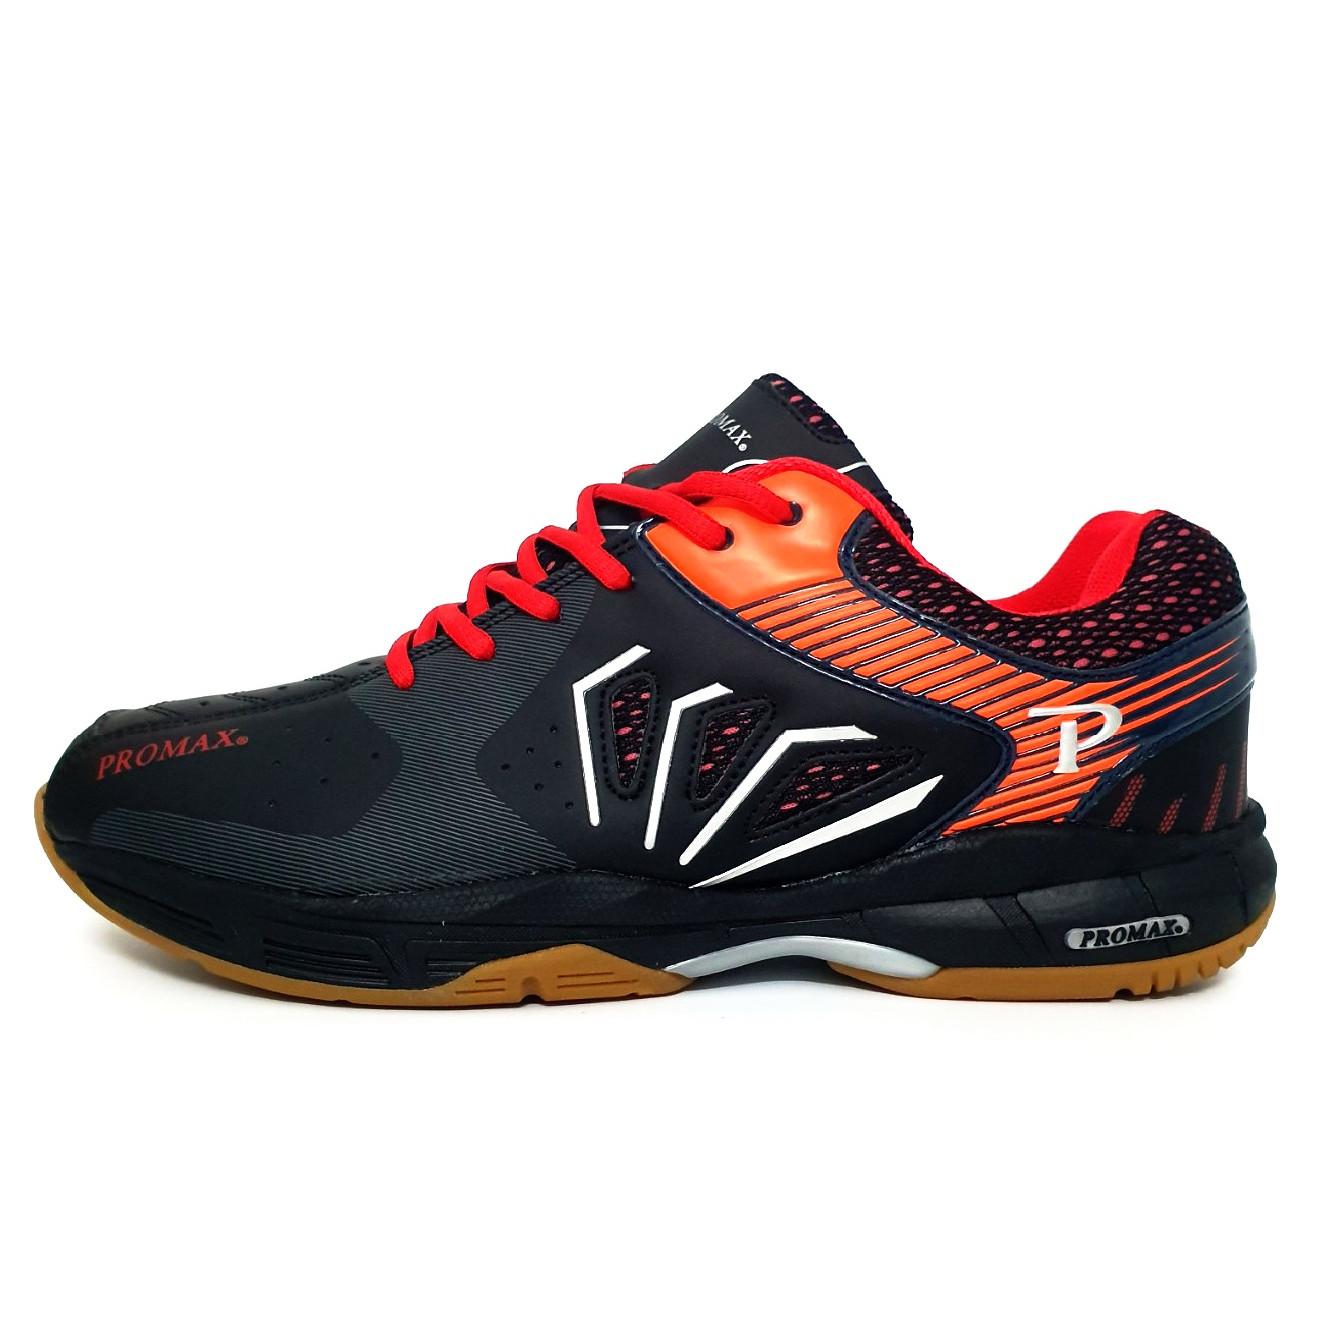 Giày bóng chuyền nam nữ Promax PR20001 mẫu mới, da PU đế cao su non siêu bền